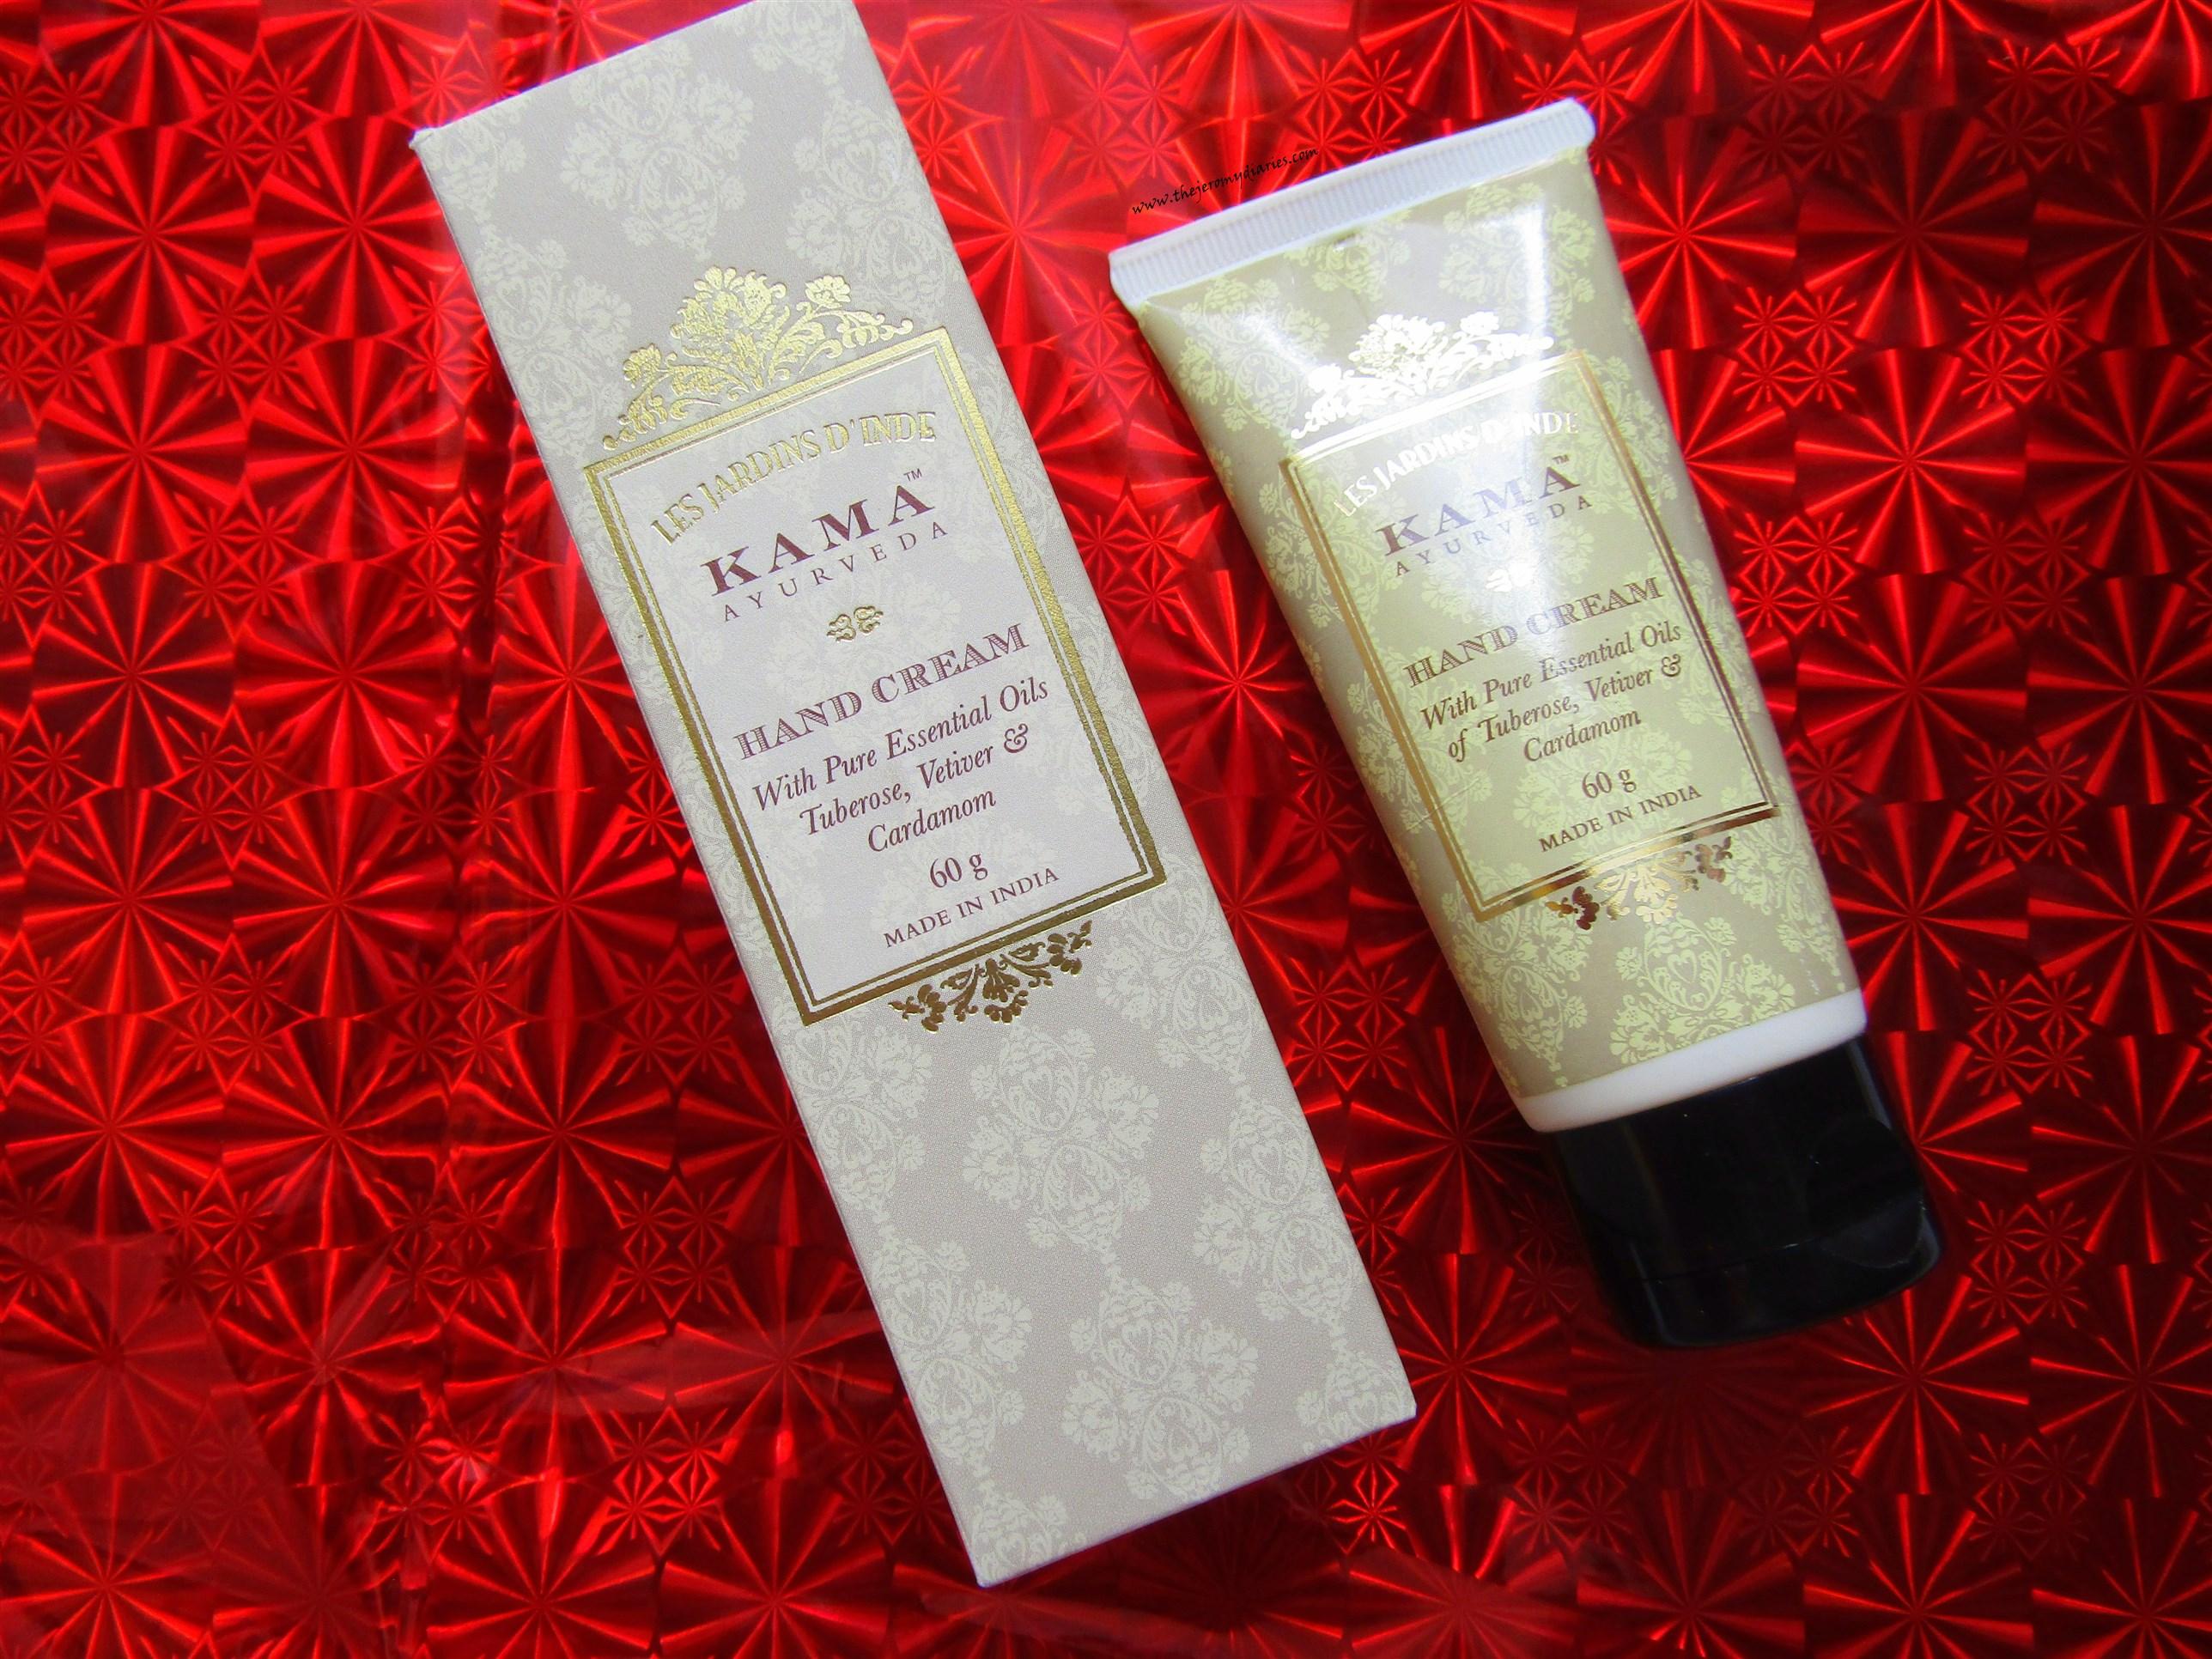 kama ayurveda hand cream packaging the jeromy diaries